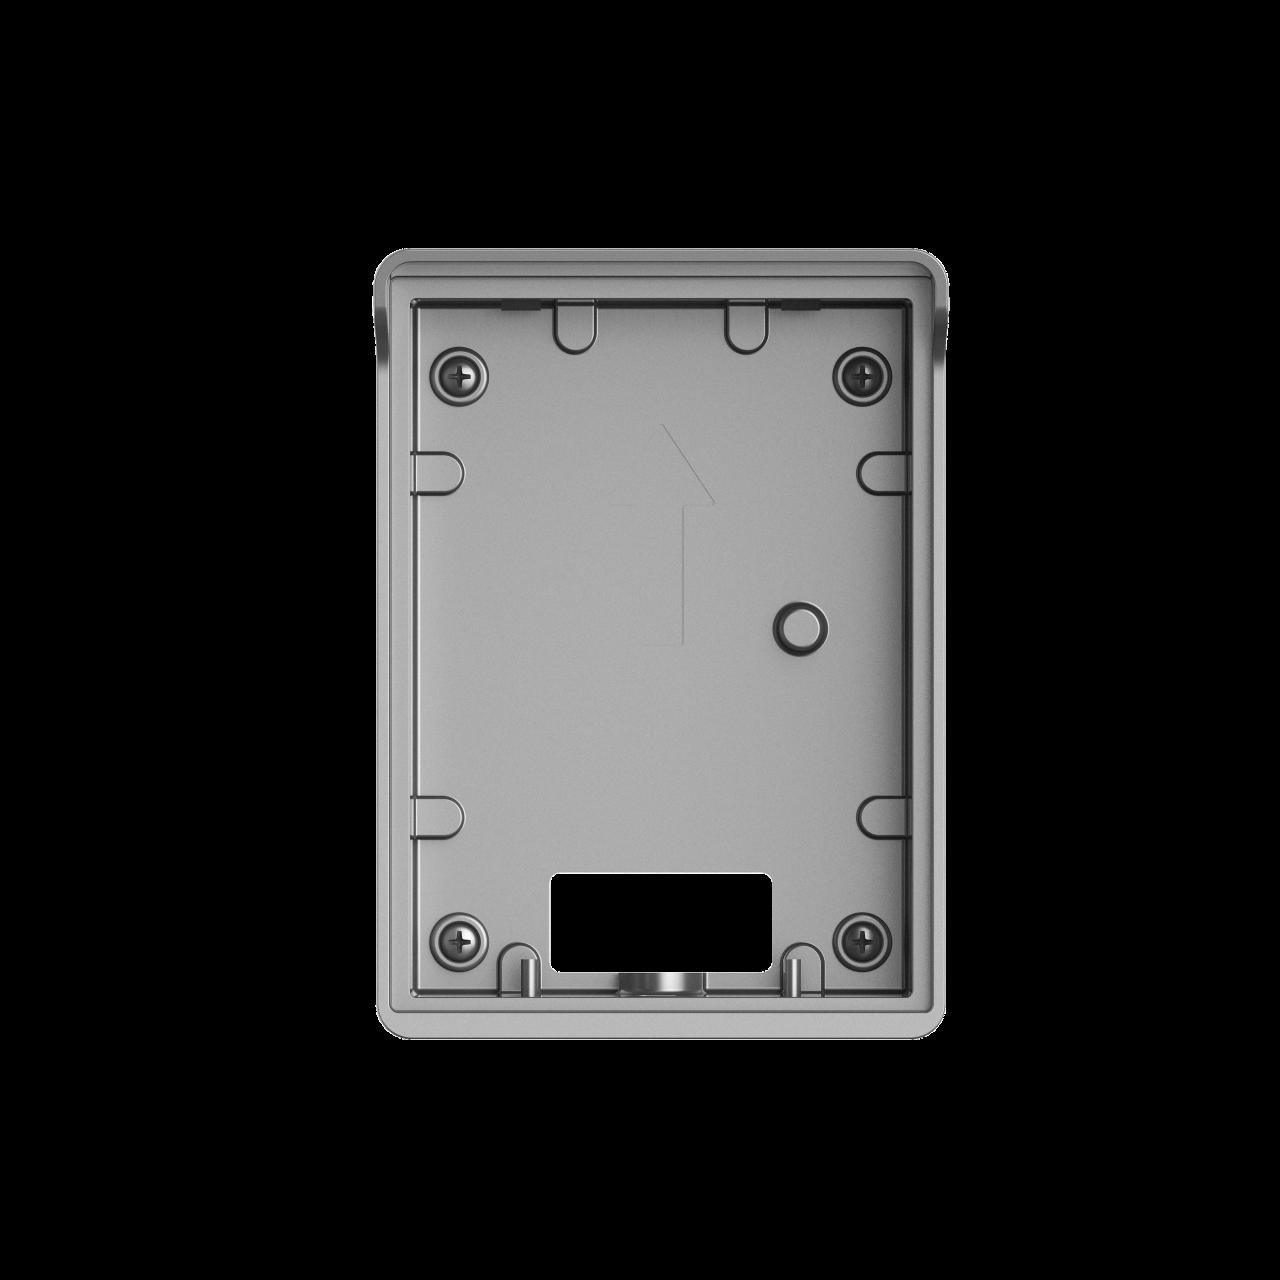 TURM IP Video Türsprechanlage Aufputz-Regenschutz für Außenstation PoE oder 2-Draht für EFH